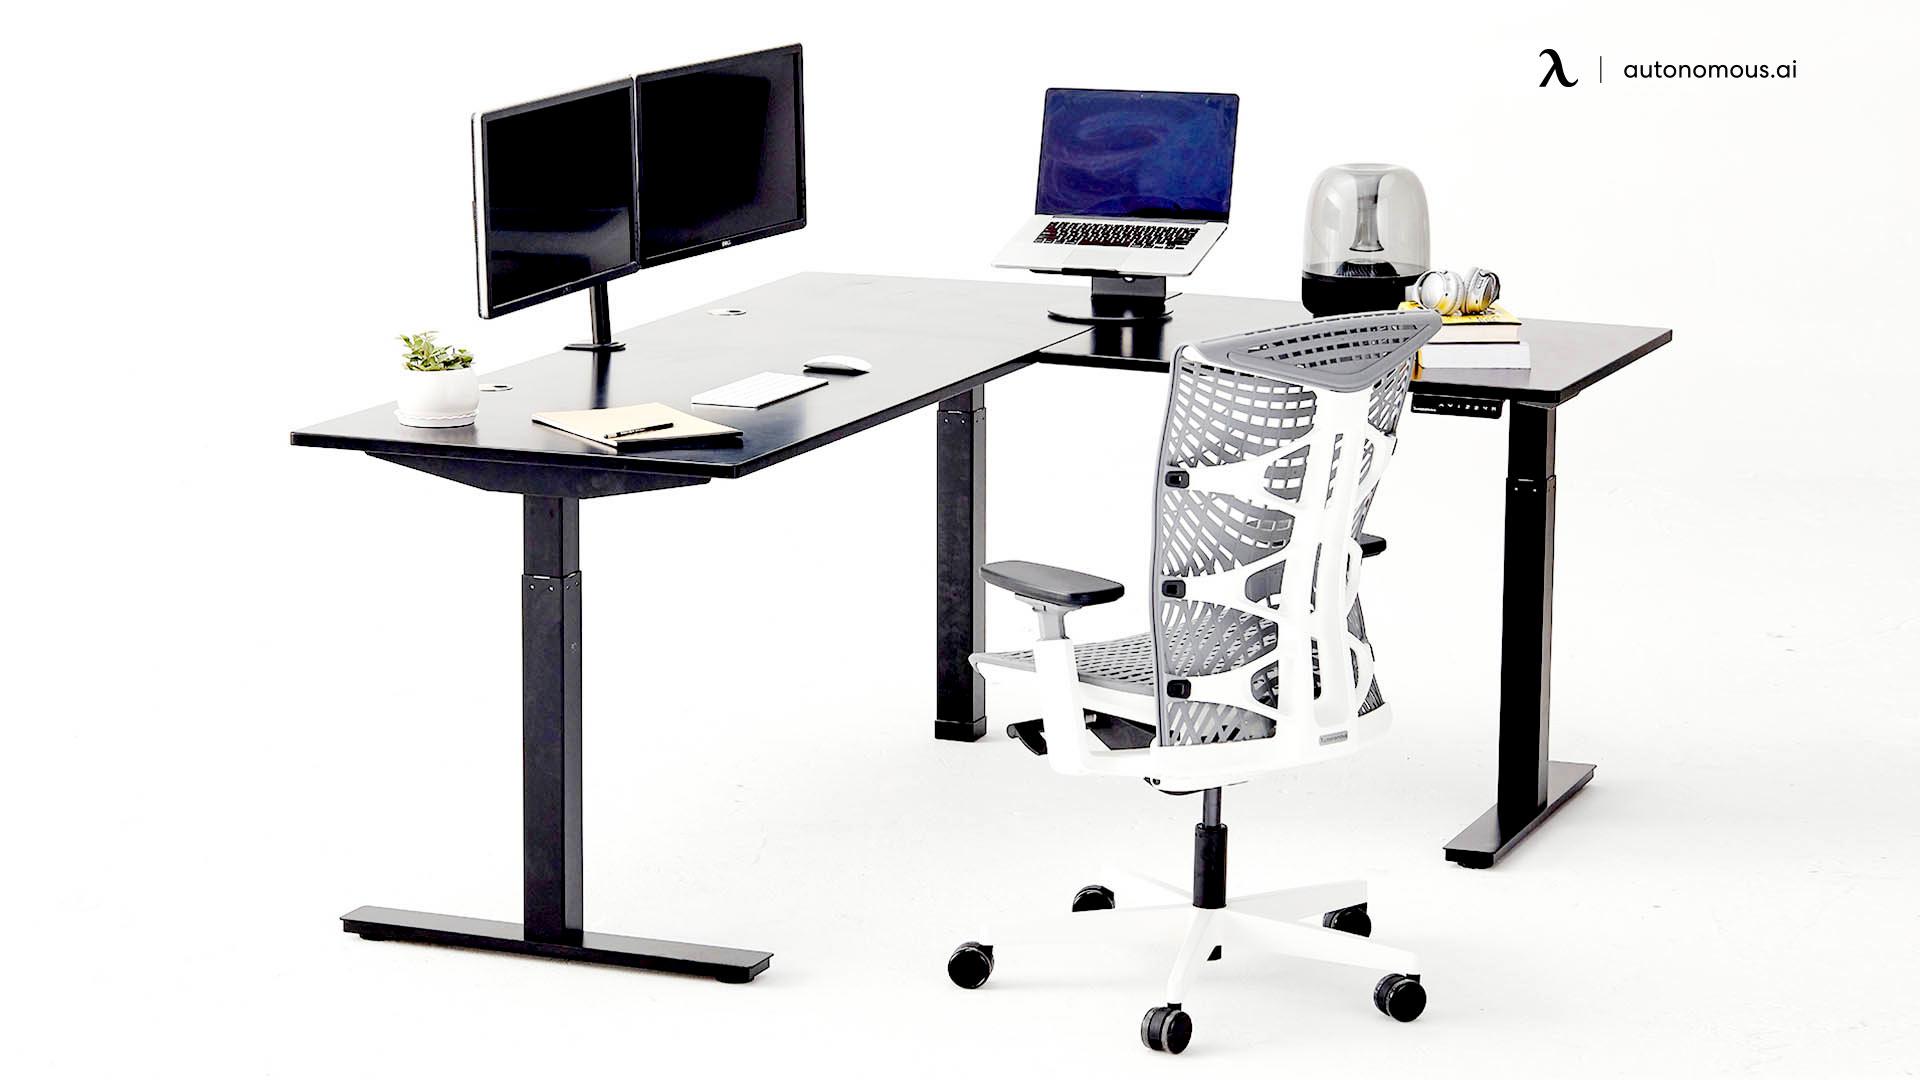 Autonomous Corner office desk set